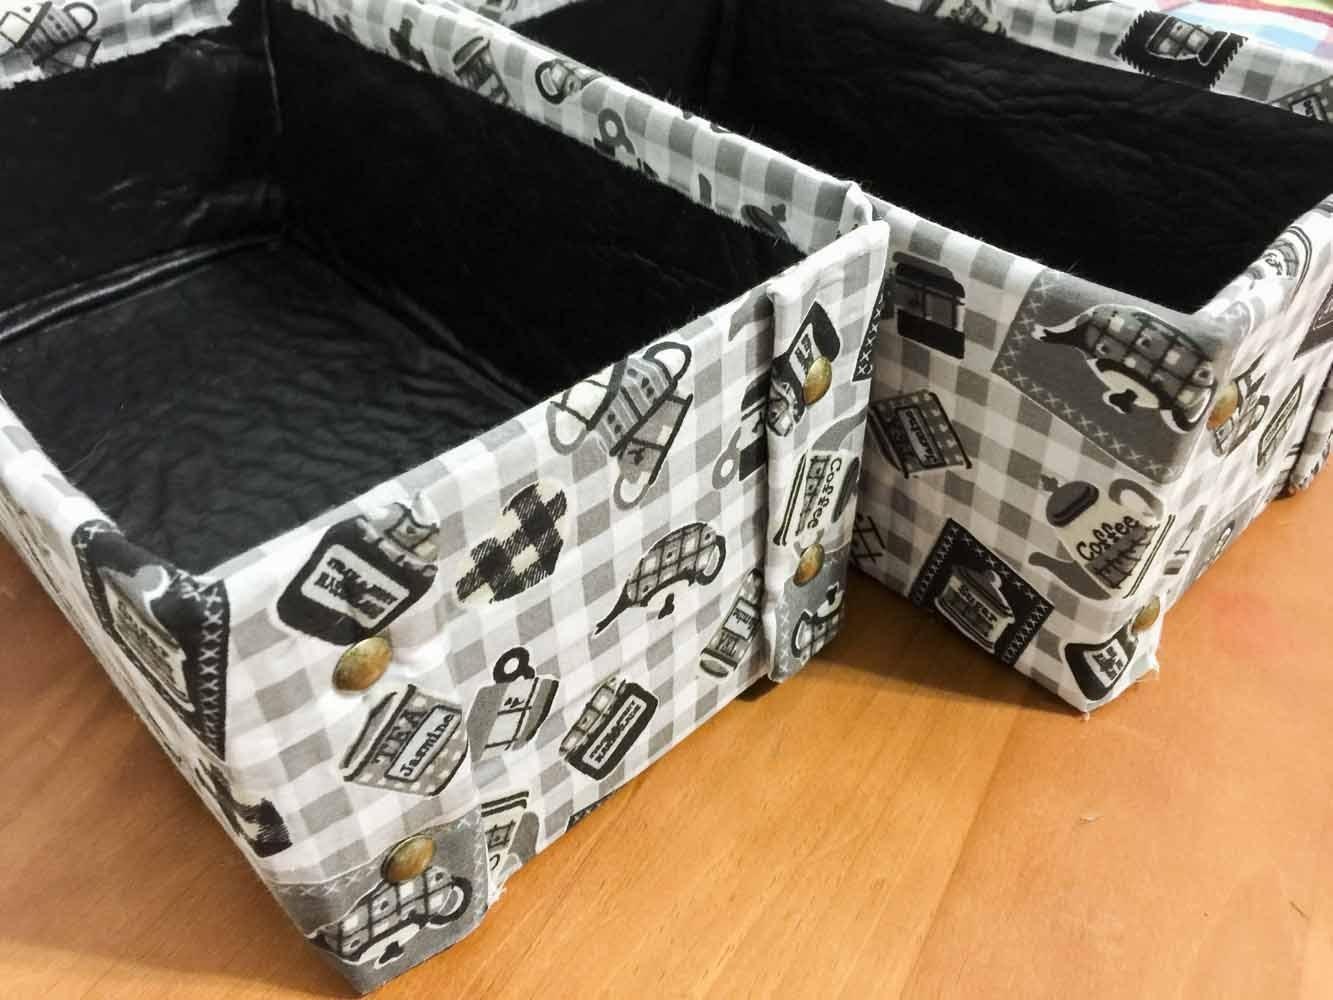 DIY Caixa organizadora prática ✂️ Artesanato